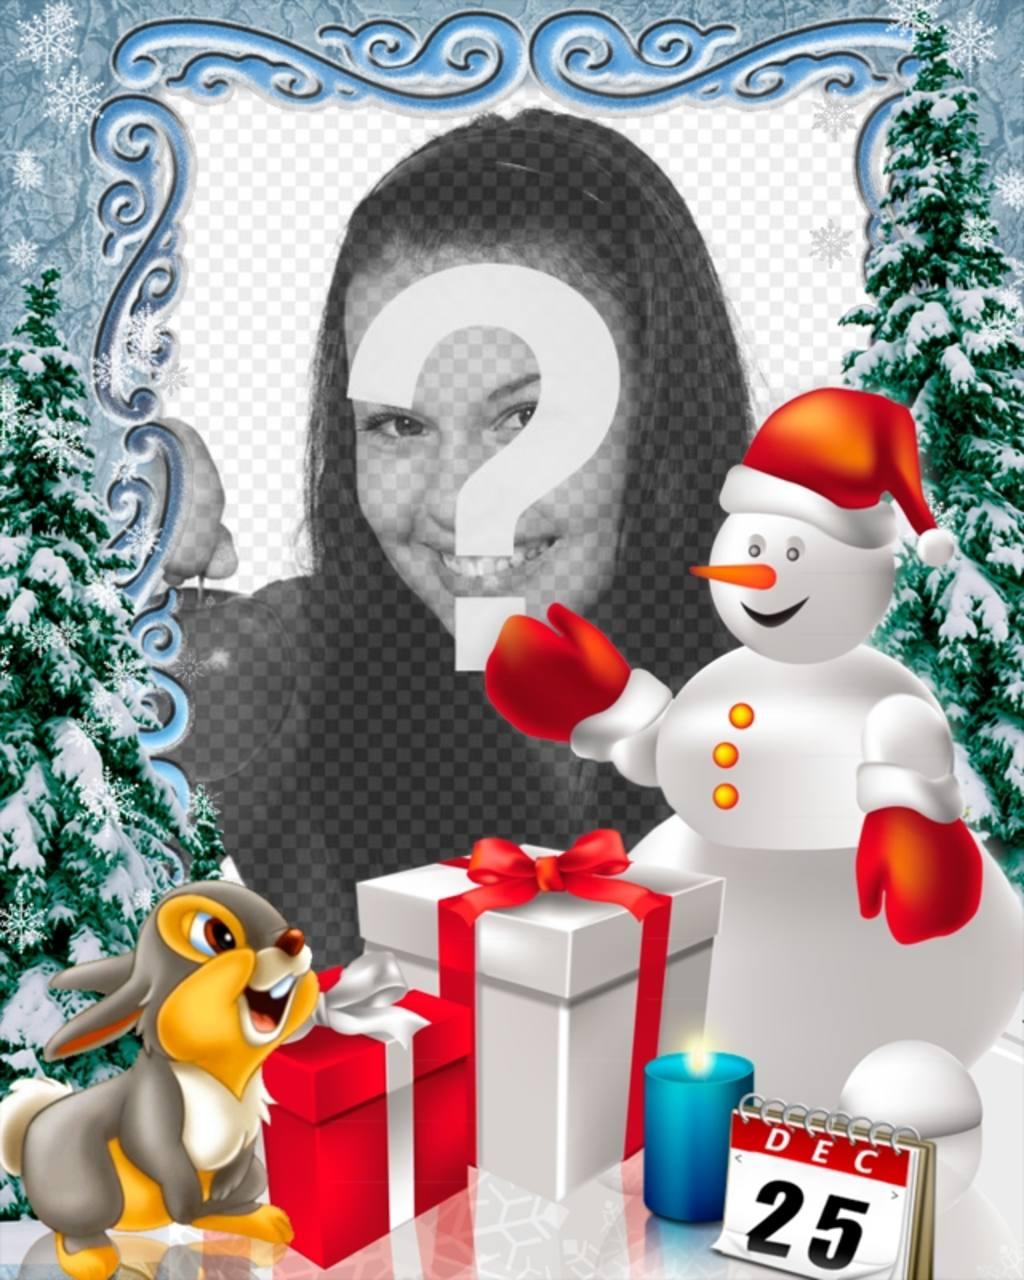 Fotomontaggio giorno di Natale da personalizzare con le foto